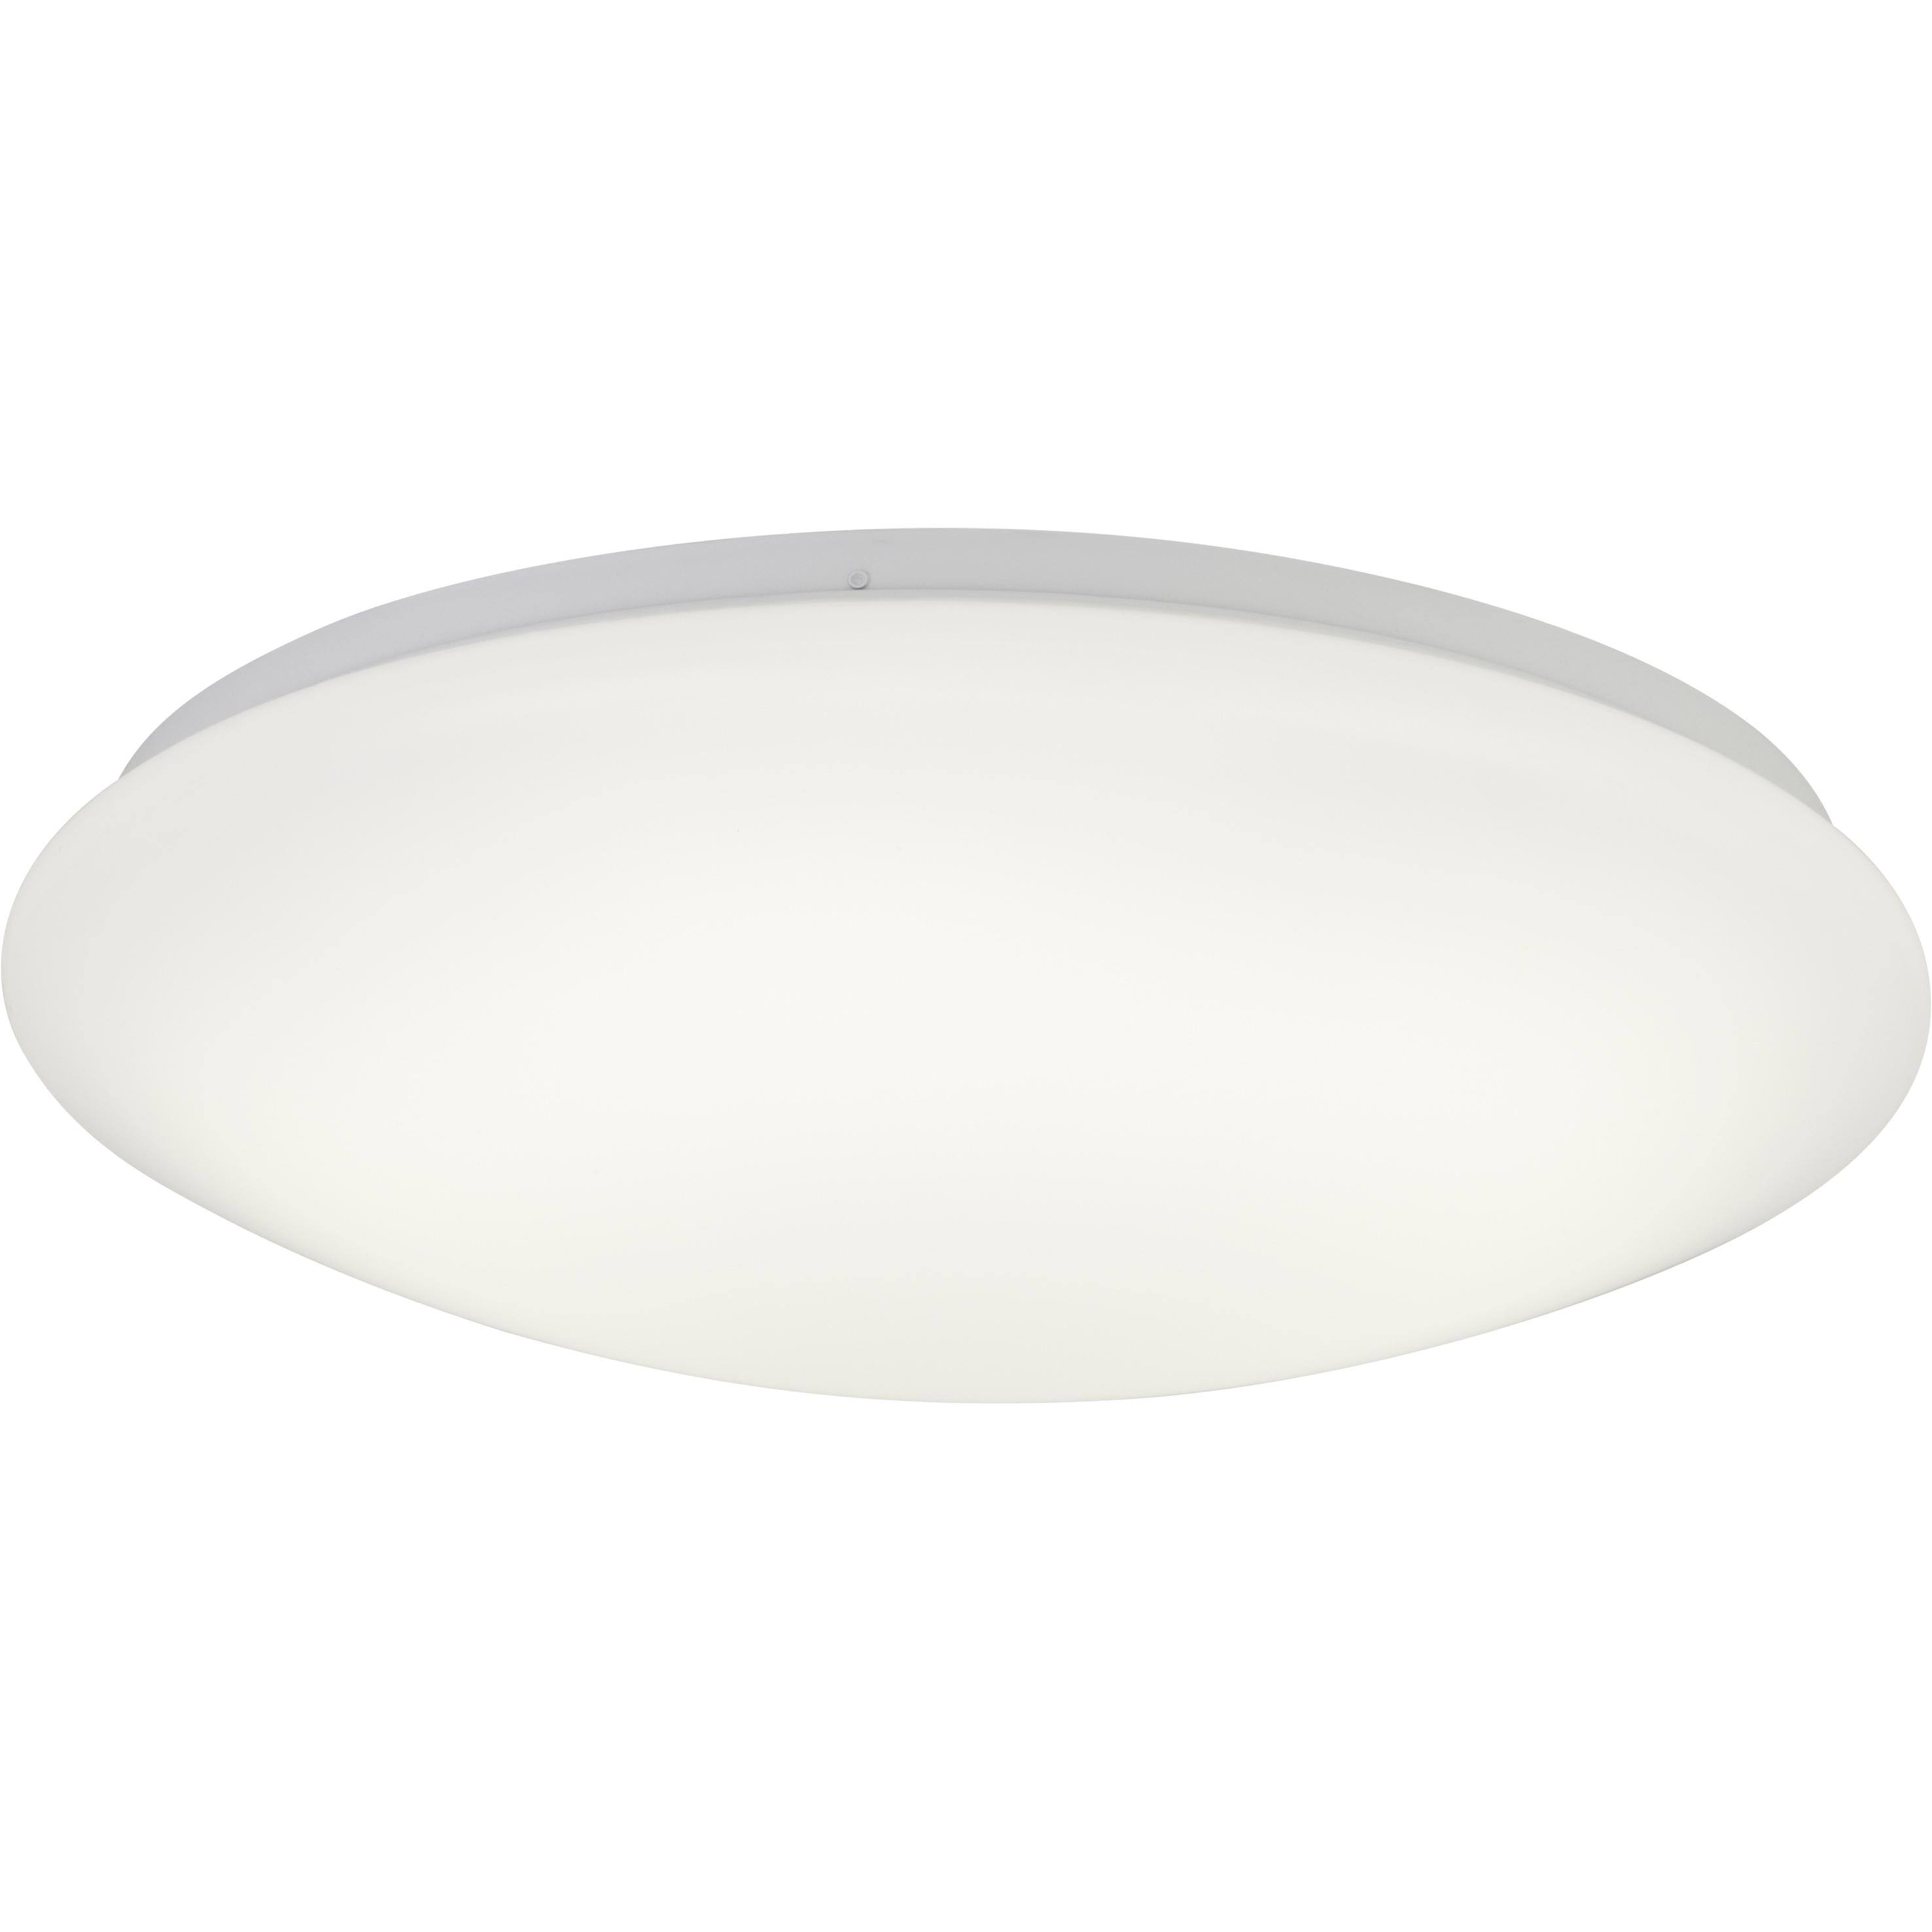 Brilliant Leuchten Fakir LED Deckenleuchte 50cm weiß